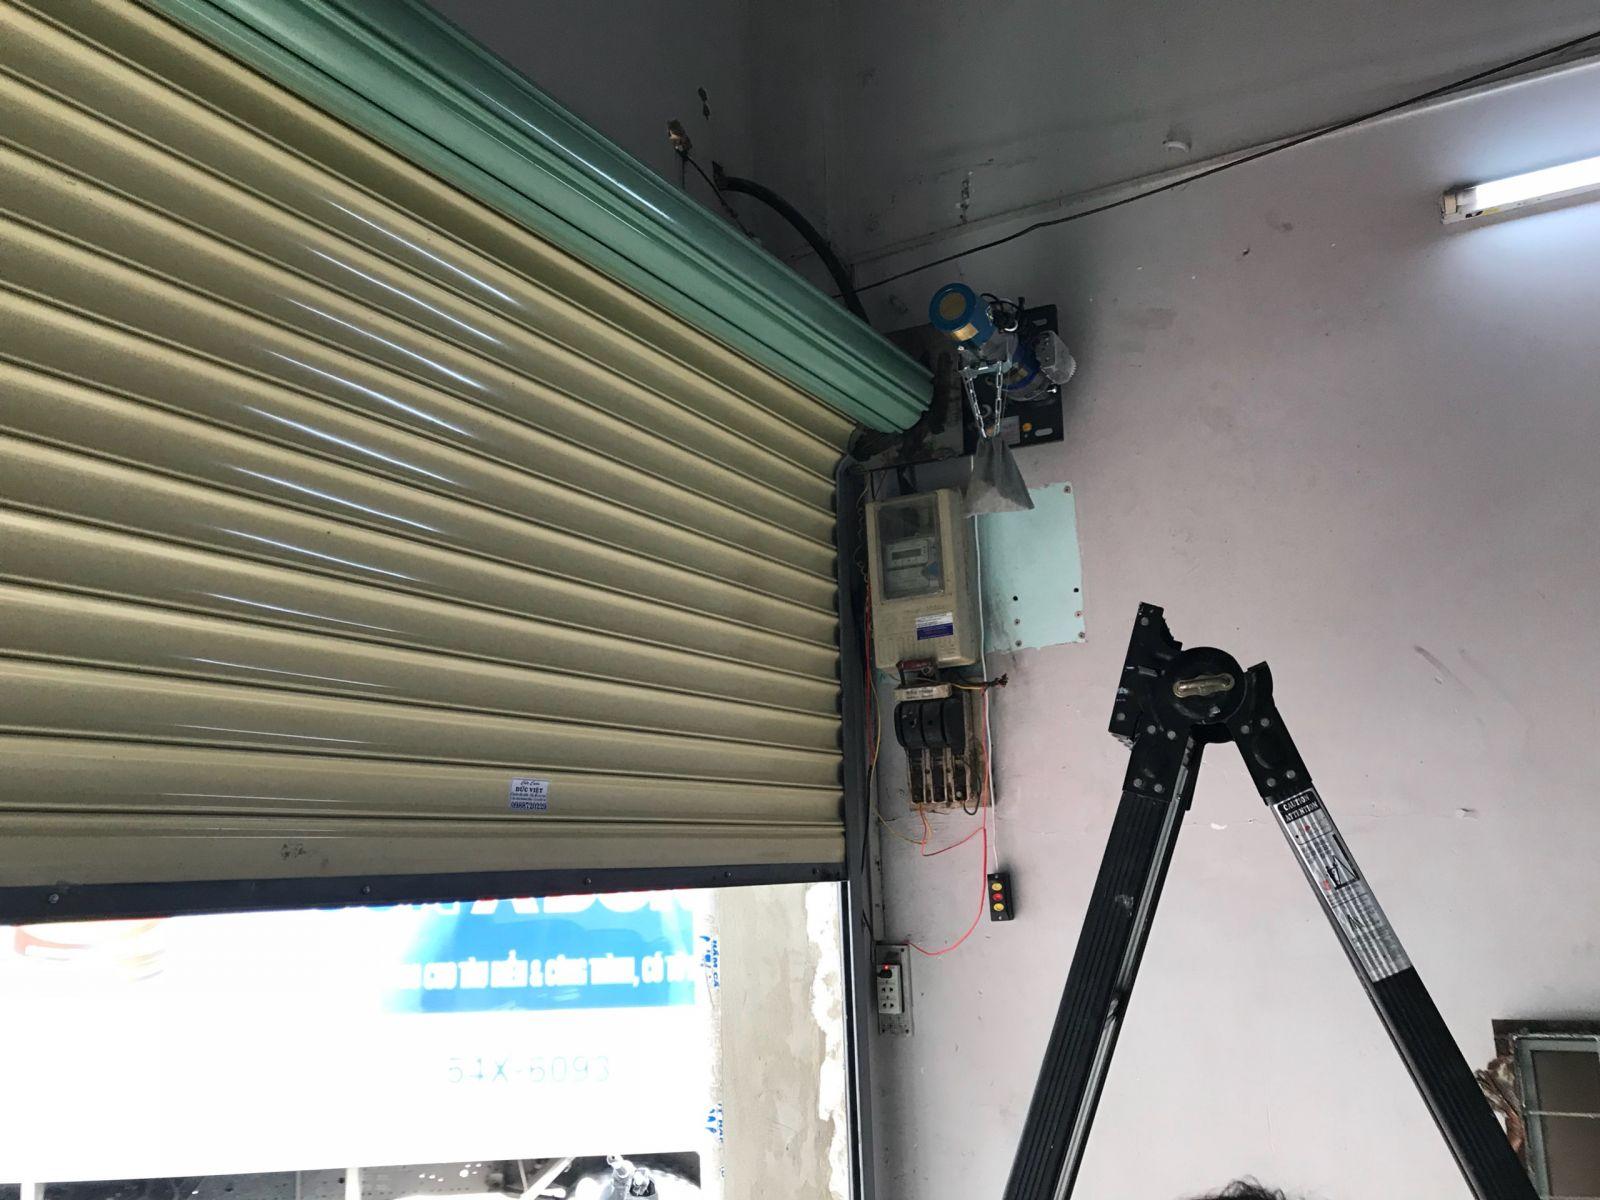 Cửa Hàng Sửa Chữa Cửa Cuốn Tại thành phố Hà Tiên uy tín